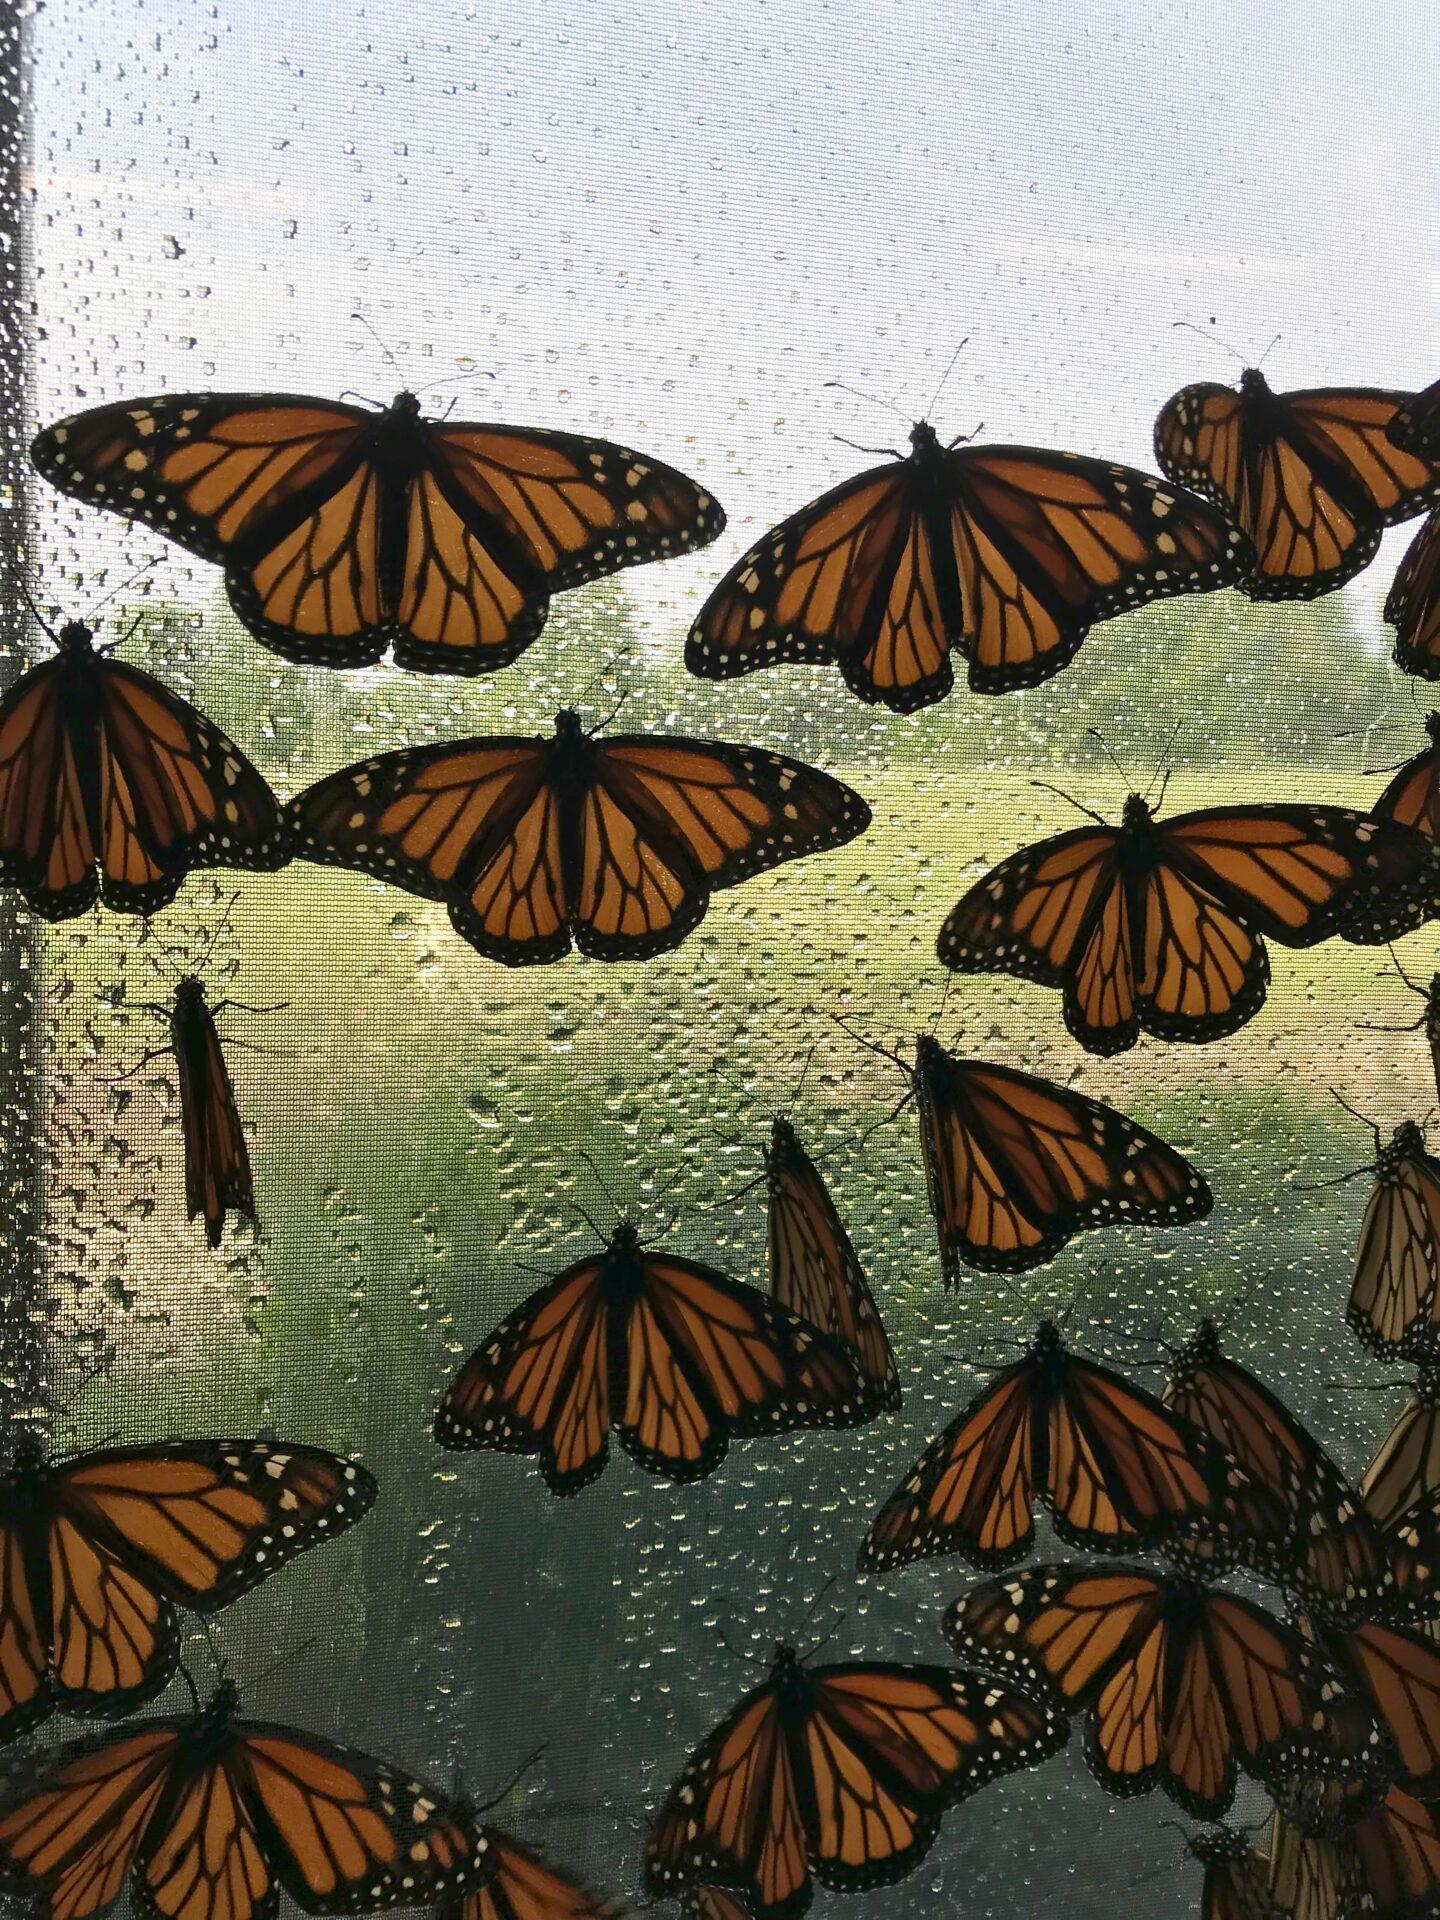 Monarchs in BioTent